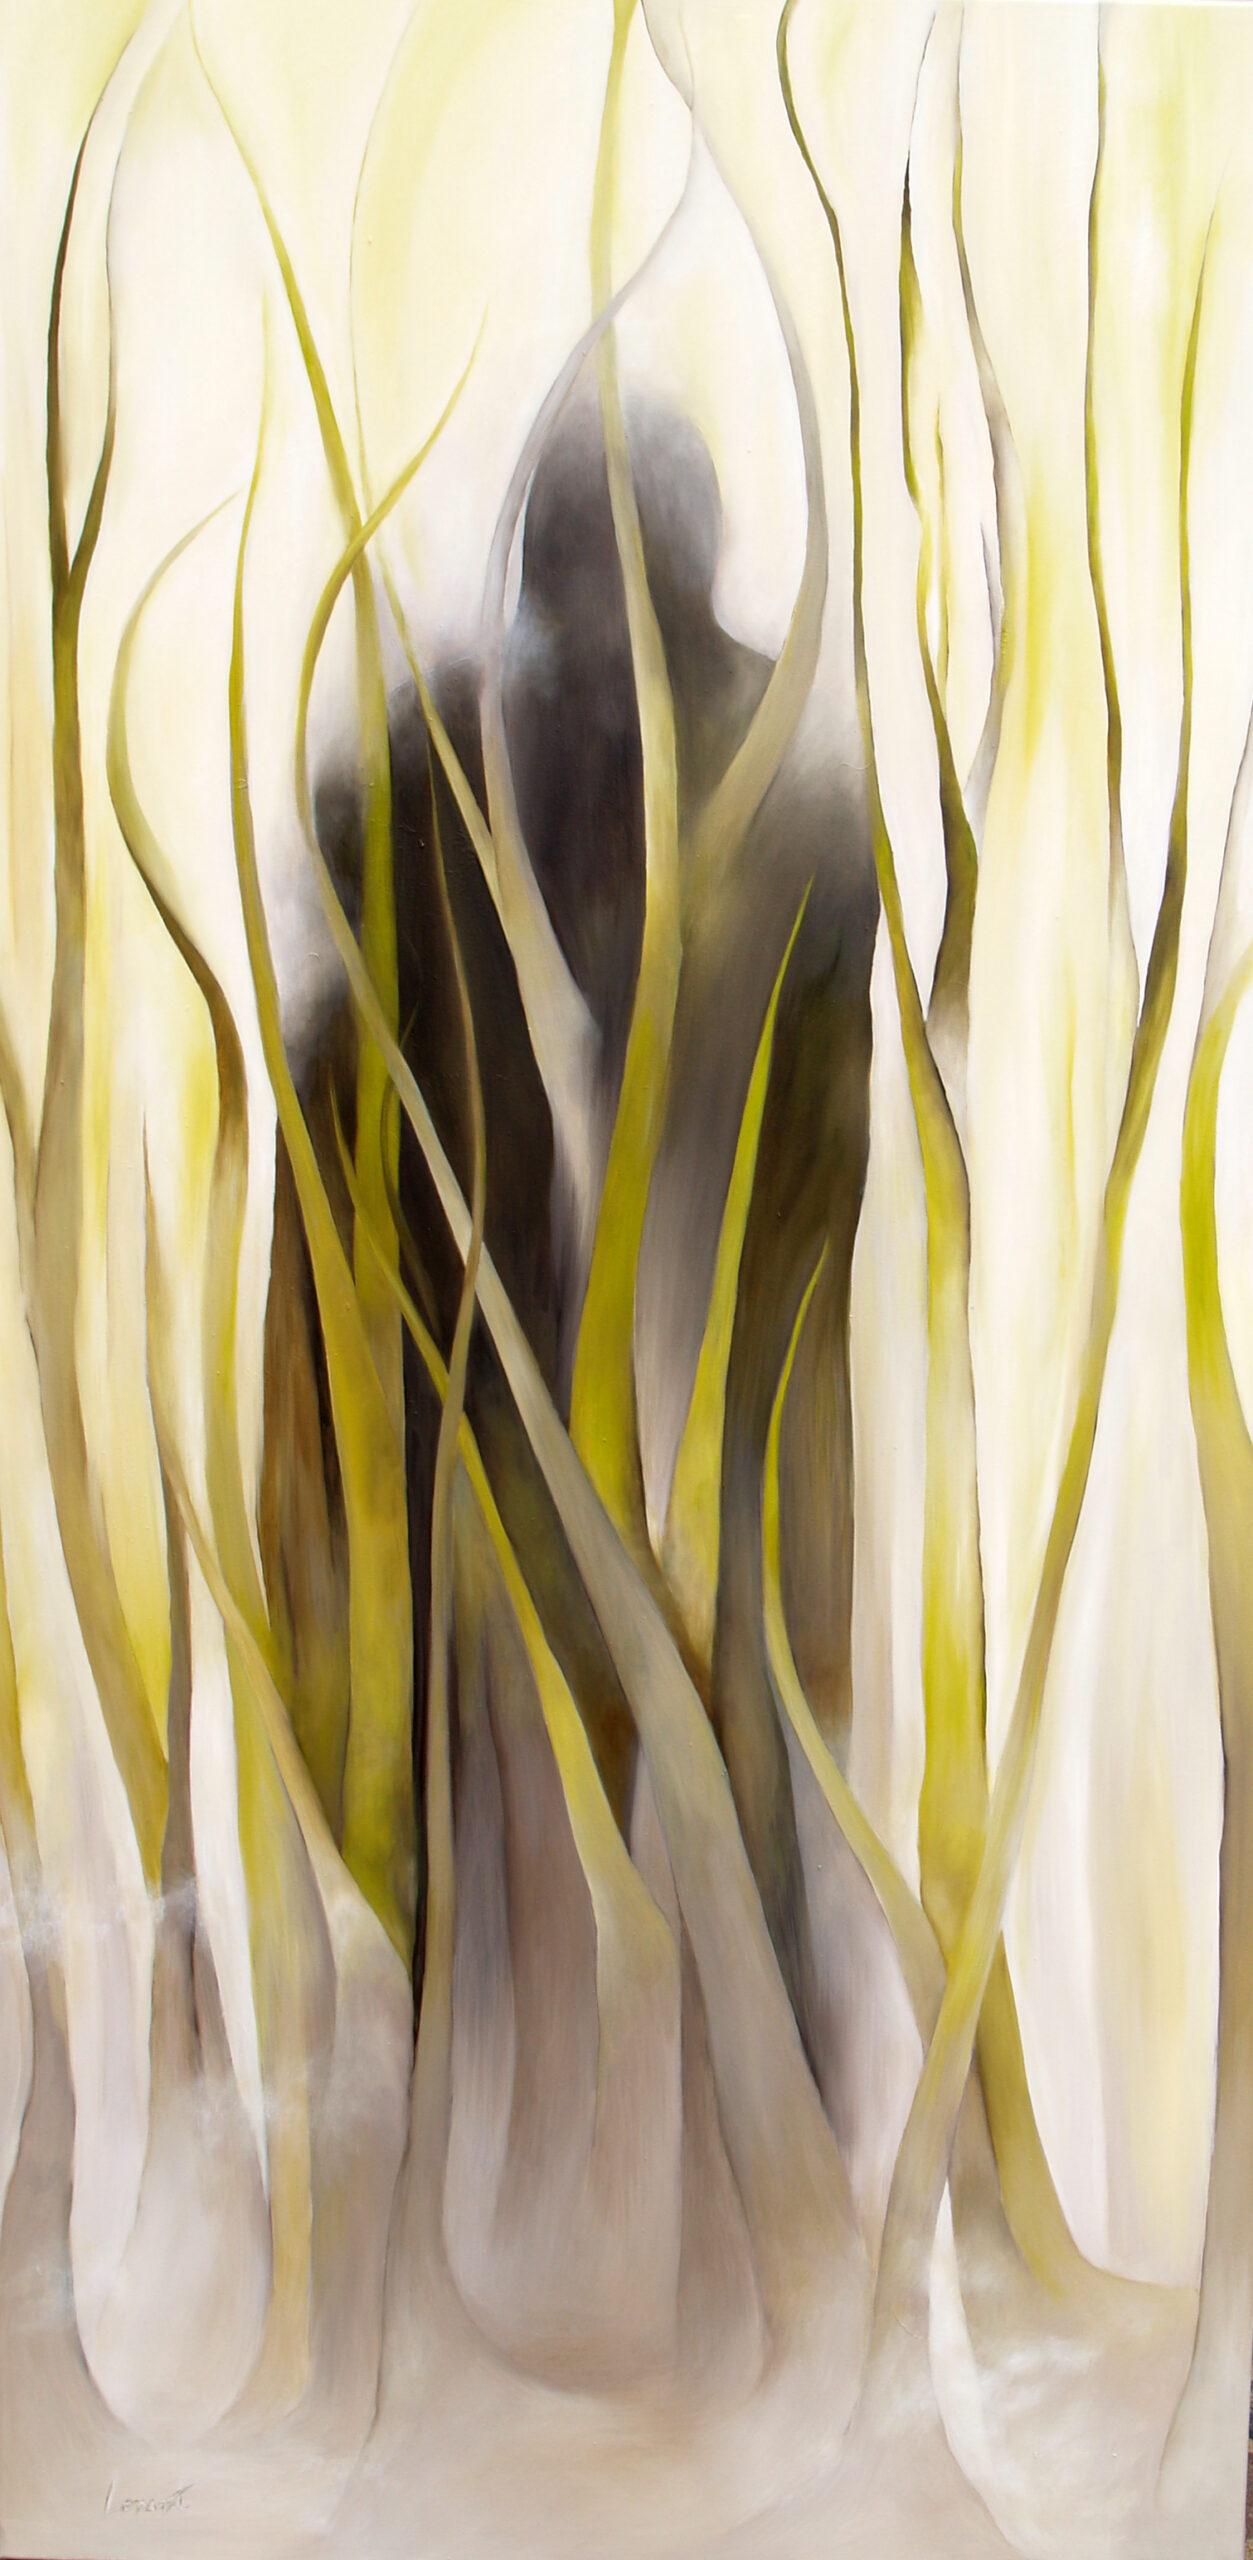 magdalena budzińska apaszki obrazy chusty artystyczne